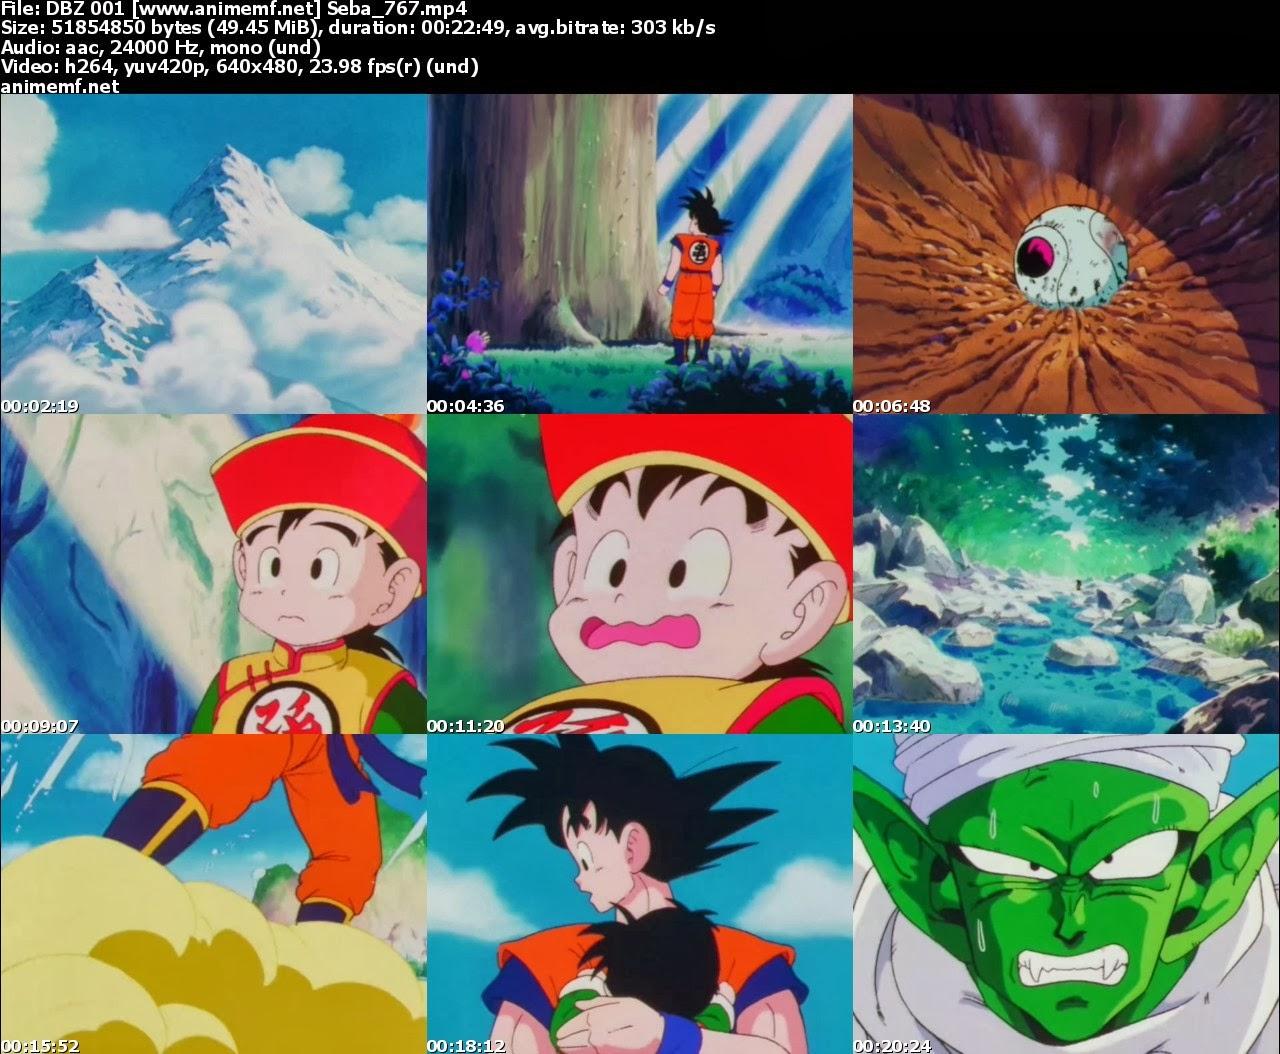 dragon ball z latino mega descarga directa liviano todos los capitulos, episodios, goku, milk, gohan, cell, frezzer,